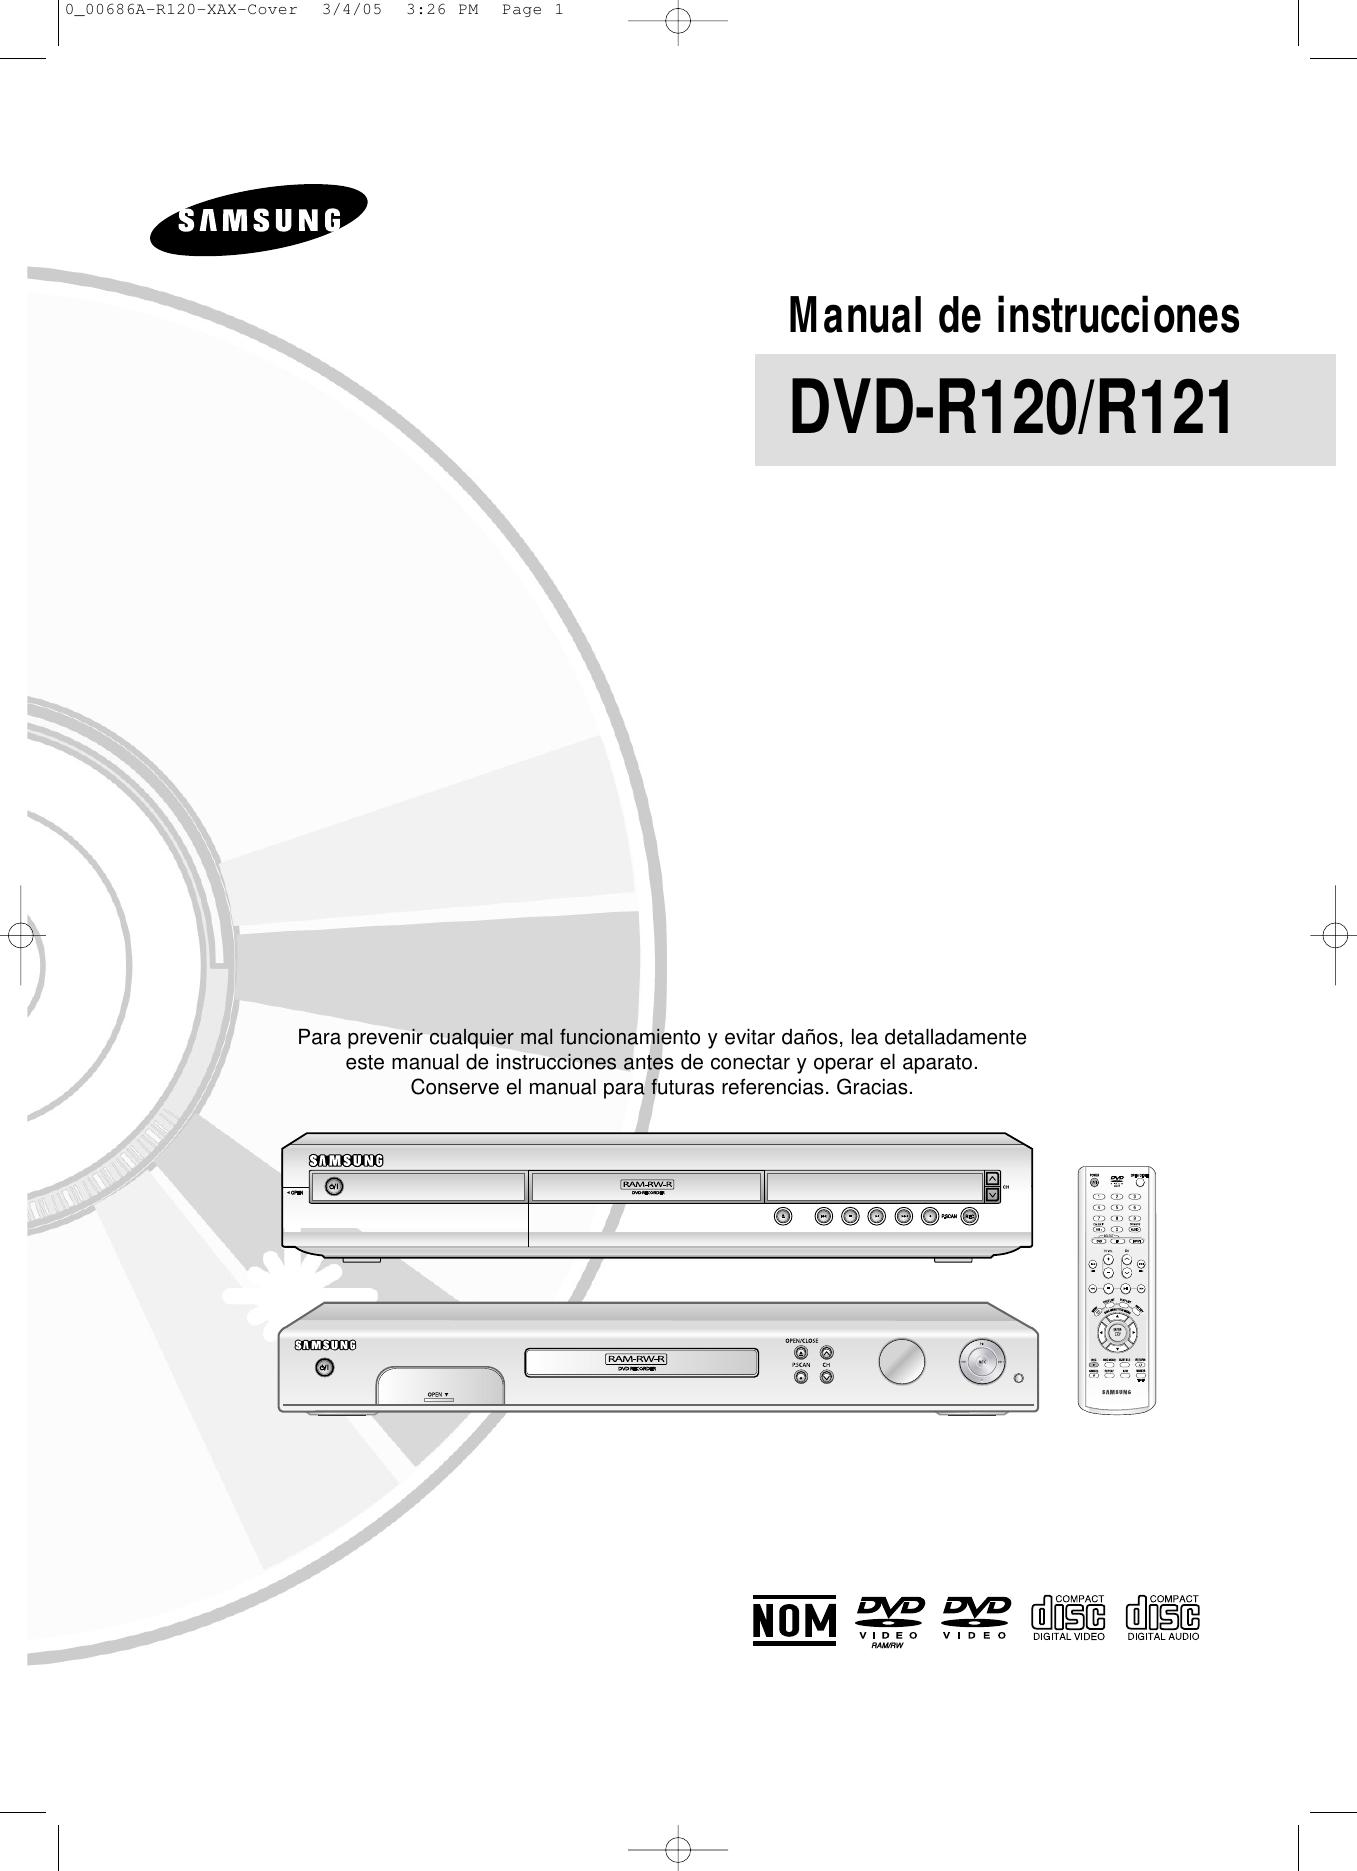 Samsung dvd-r120 dvd-r121 dvd-r122 dvd-r121 sm chassis k2-2nd.